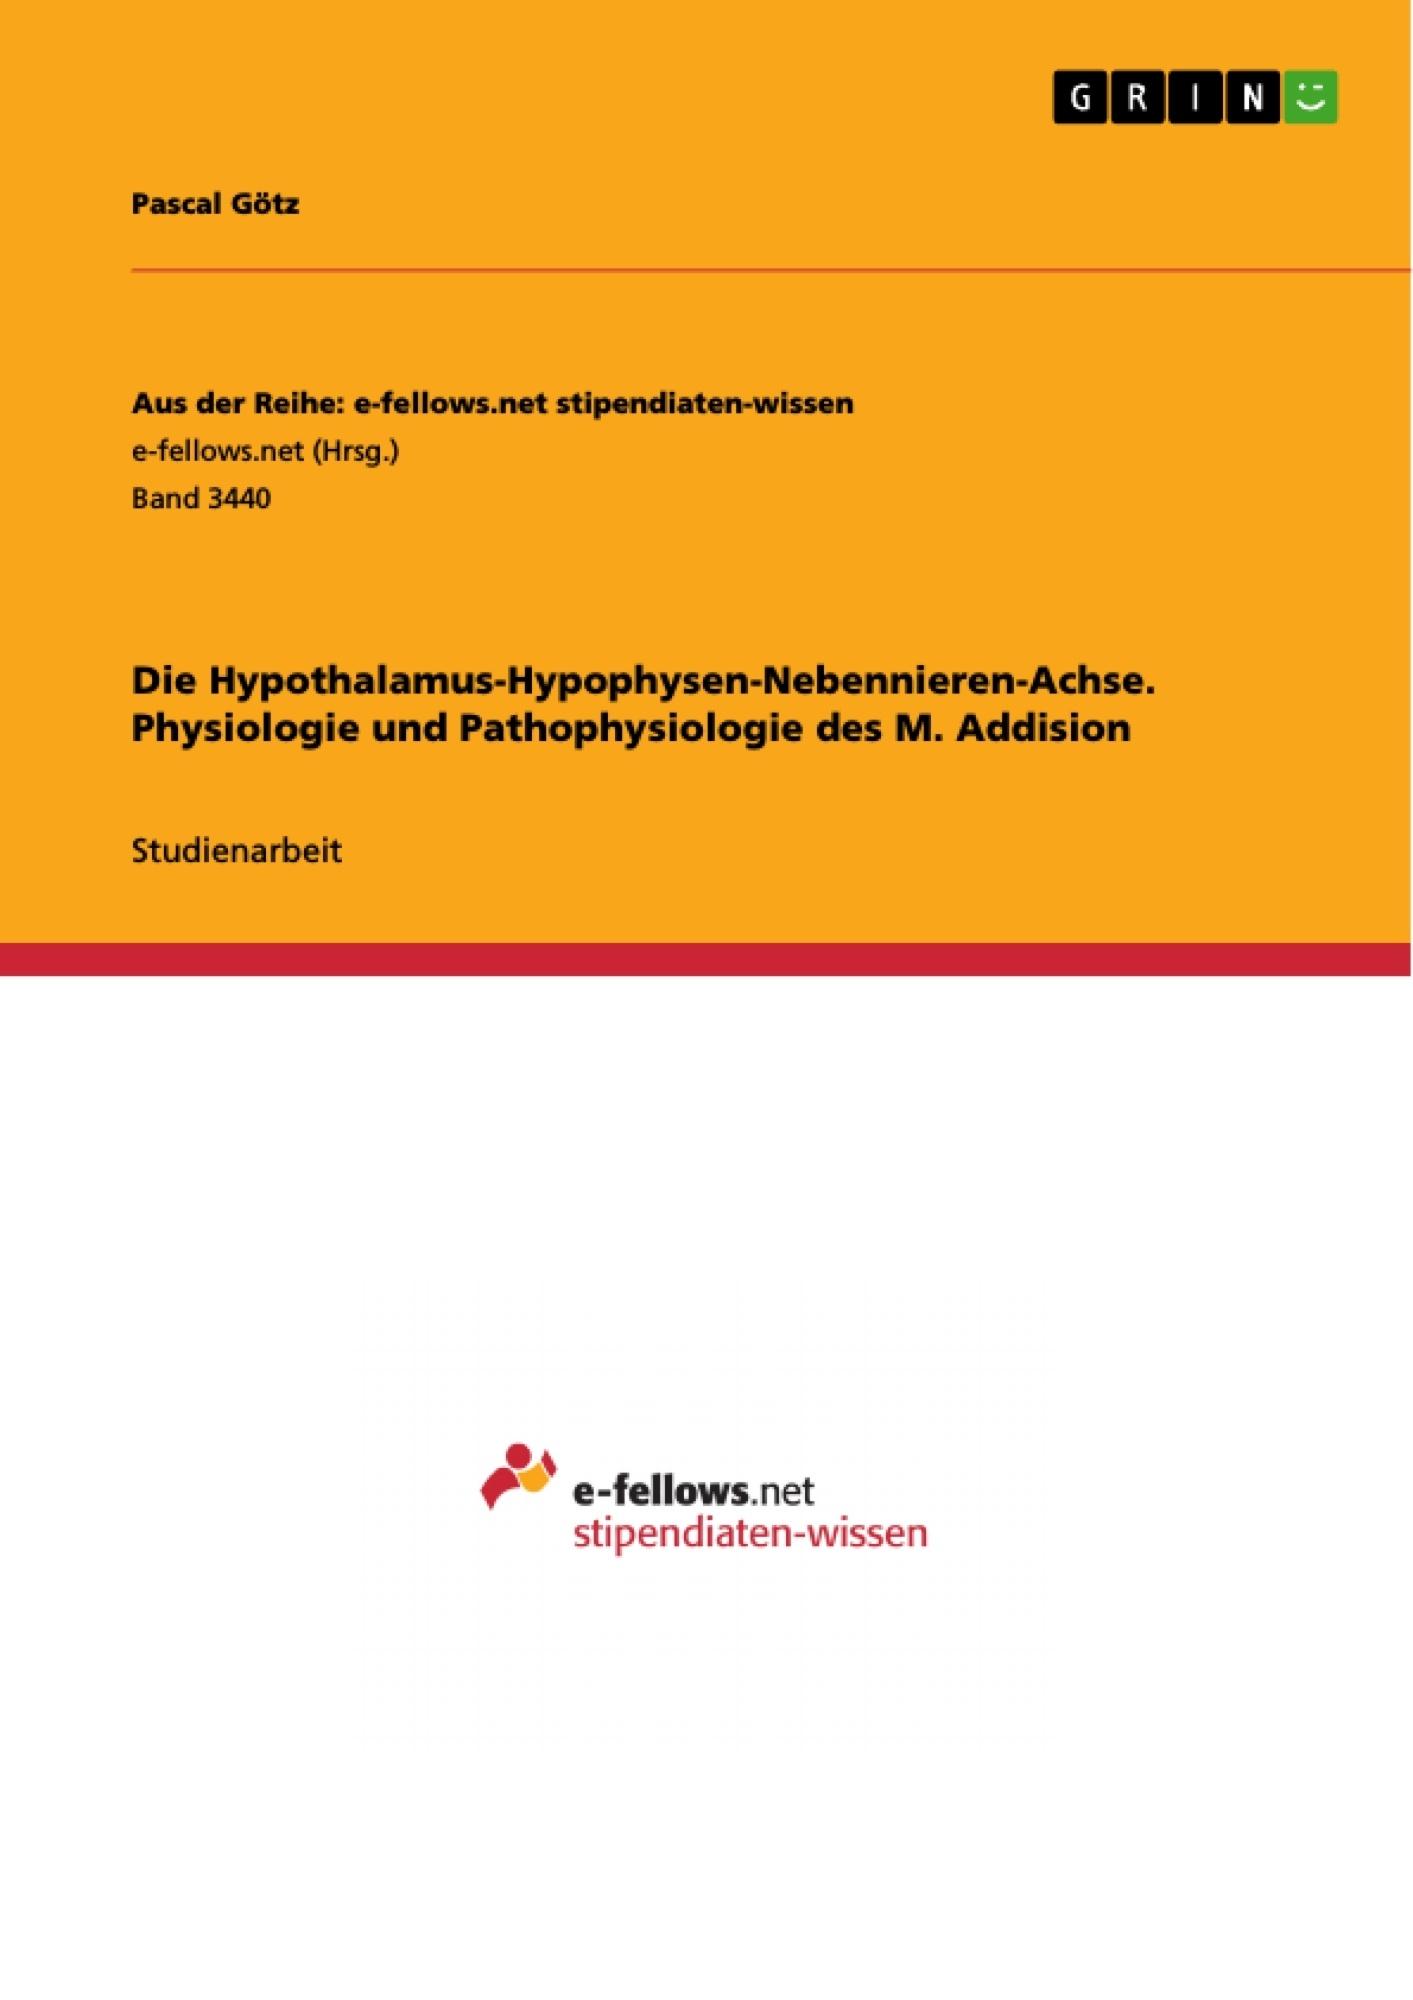 Titel: Die Hypothalamus-Hypophysen-Nebennieren-Achse. Physiologie und Pathophysiologie des M. Addision